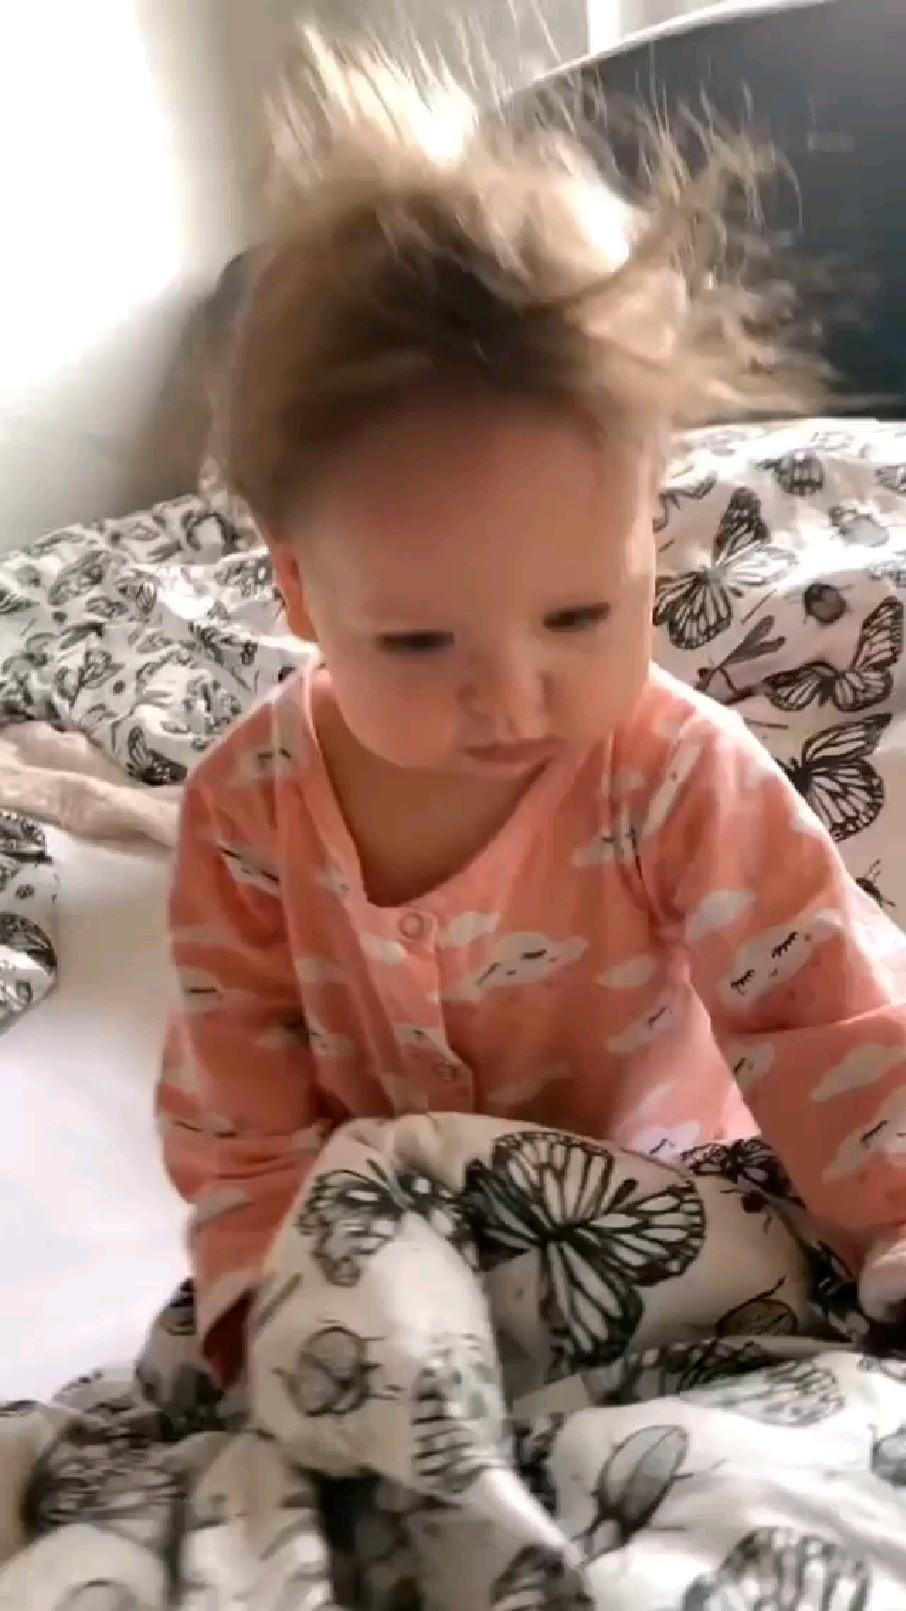 Awww so cute baby